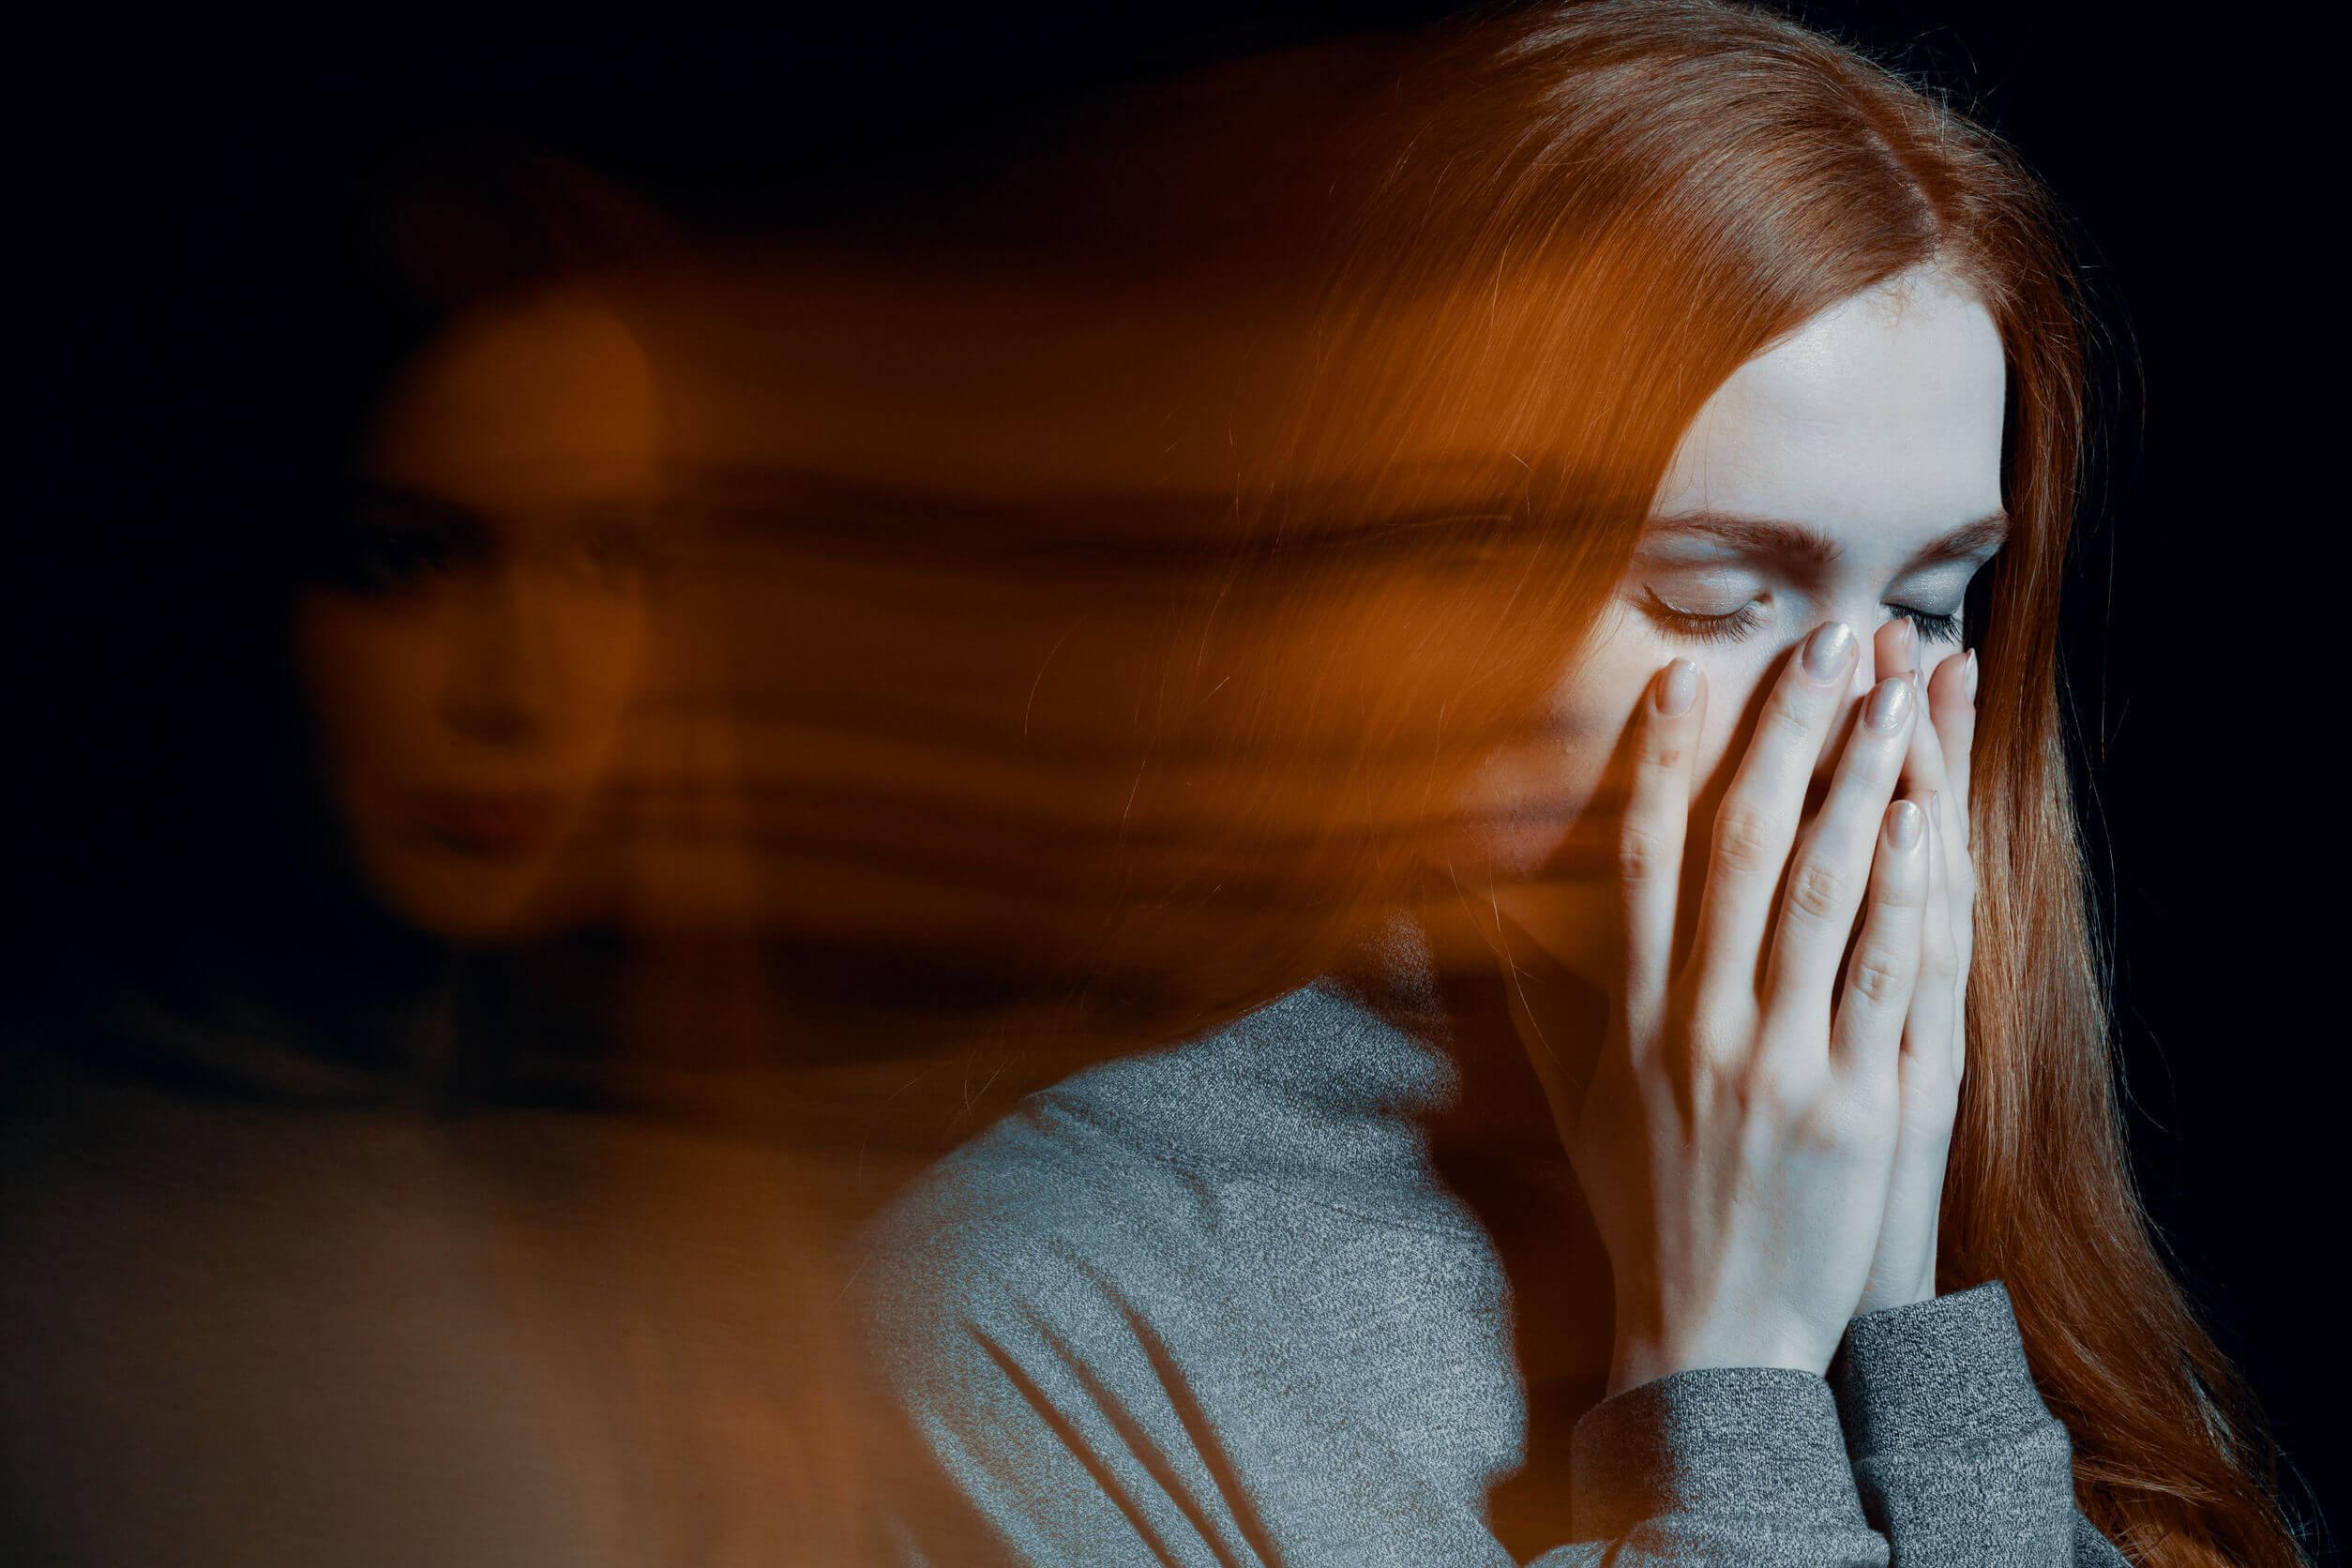 La ansiedad nocturna es común.